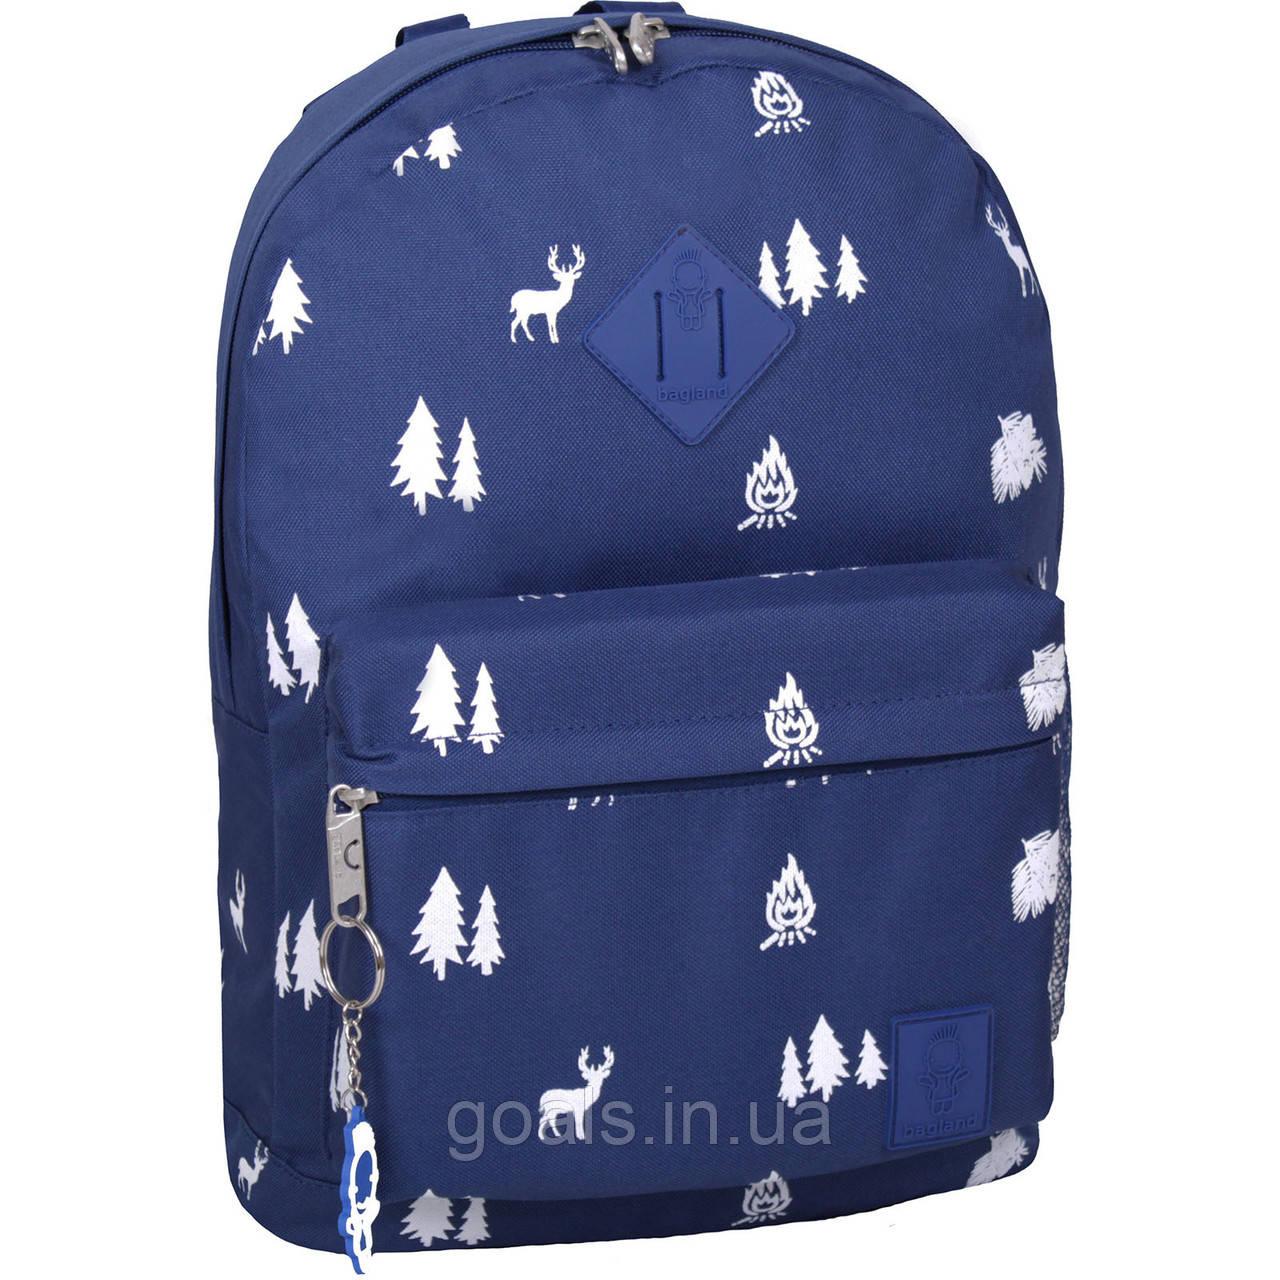 Рюкзак Bagland Молодежный W/R 17 л. 225 синій/олені (00533662)